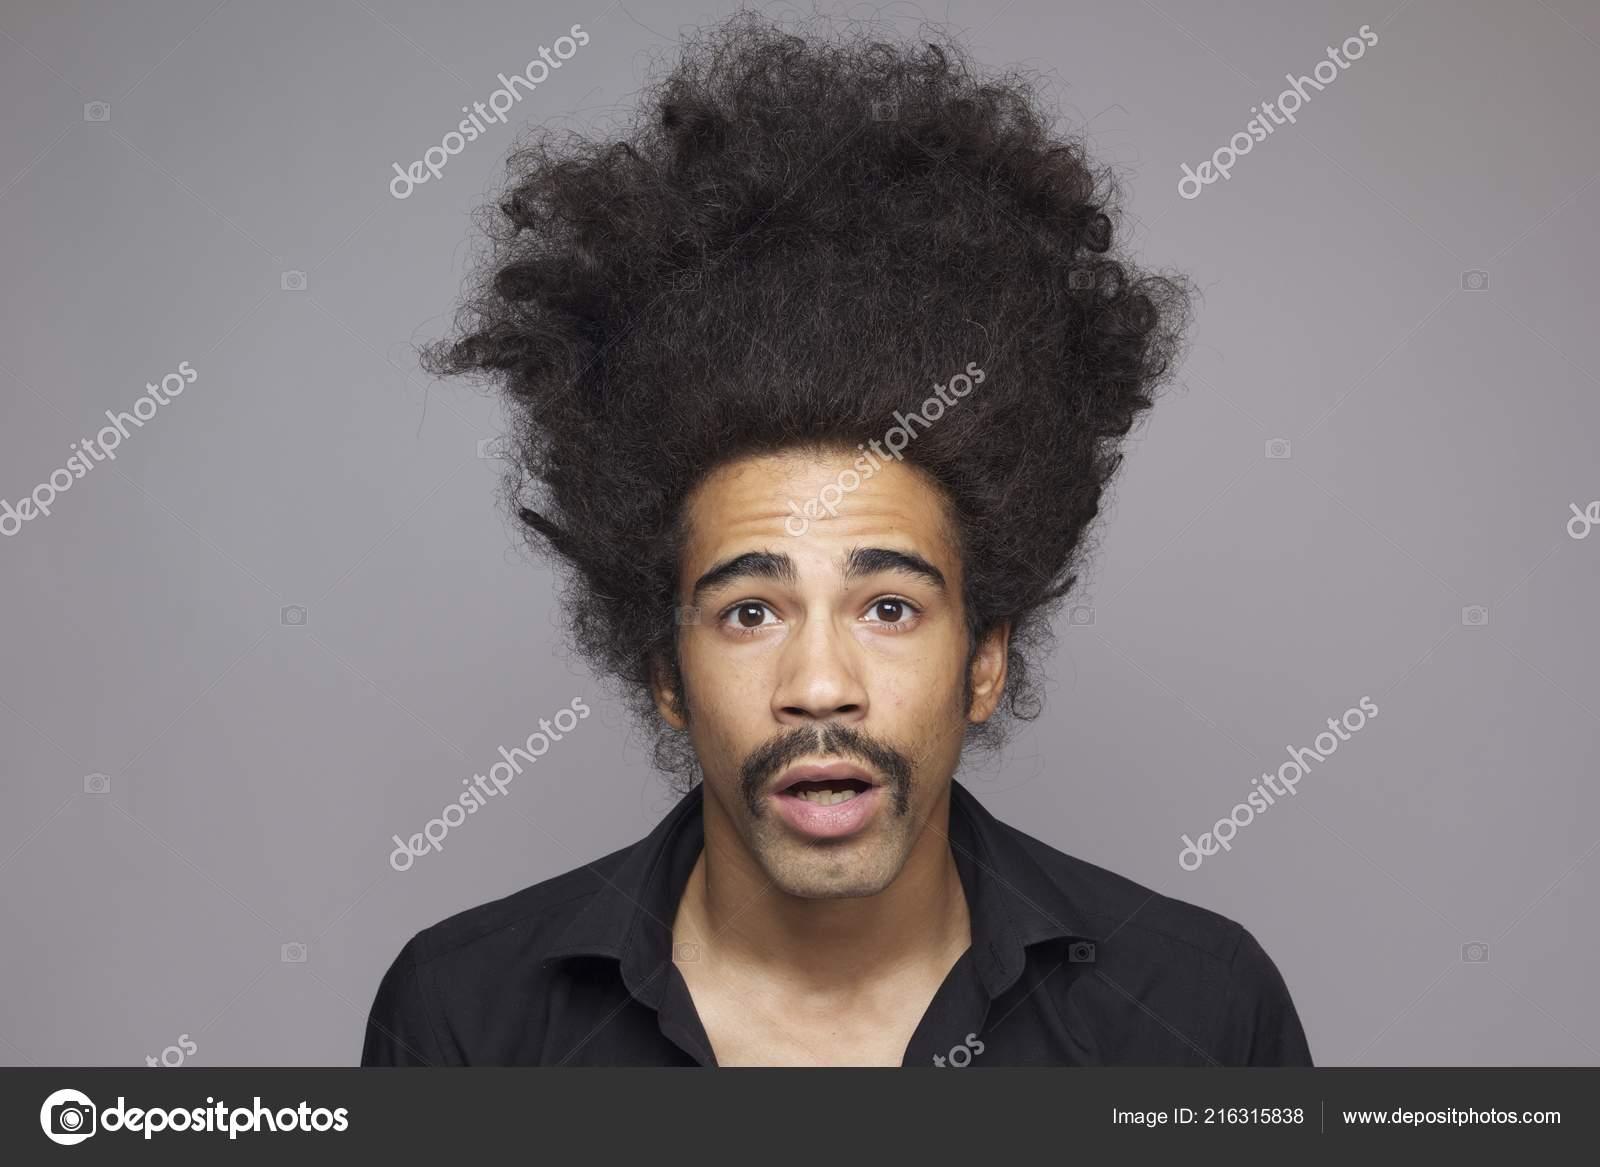 Afro black man